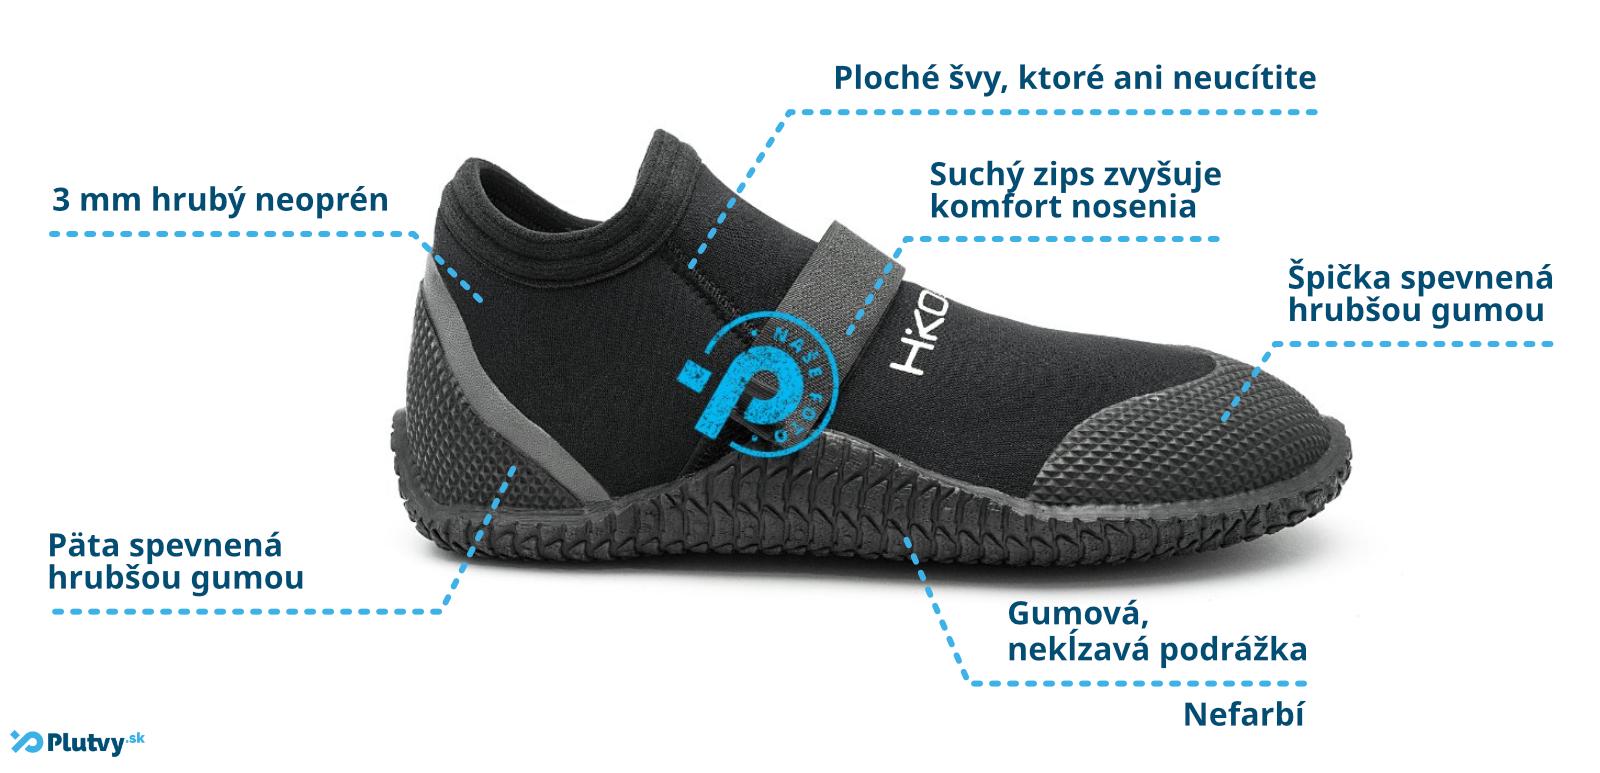 neoprénové topánky Hiko Sneaker so suchým zipsom, pevná podrážka, chránená päta a špička, Plutvy.sk Bratislava